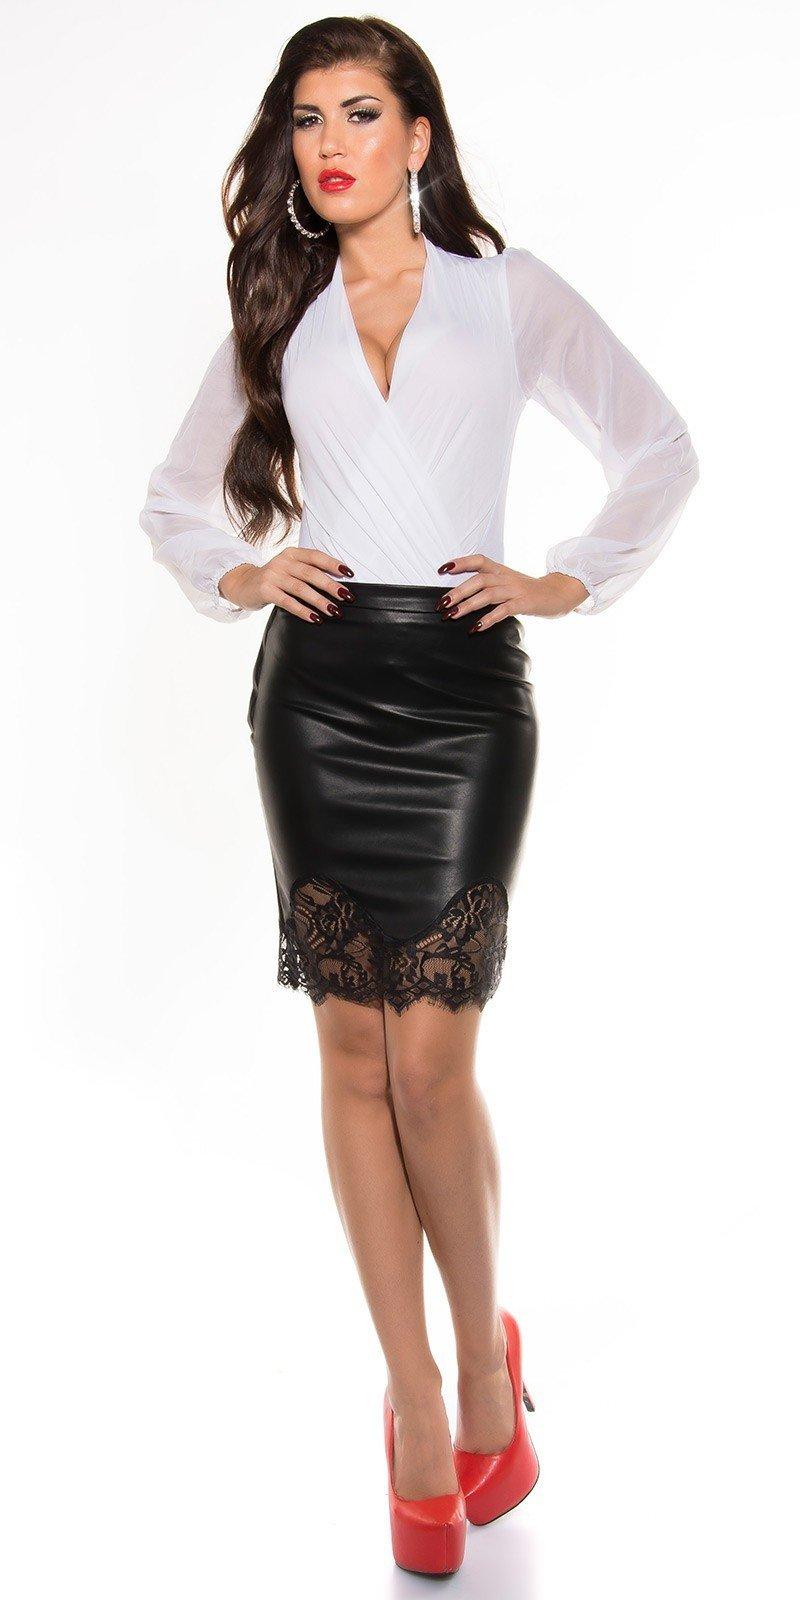 Голые фото девушек в черных коротких юбочках и белых прозрачных блузках приколы голых